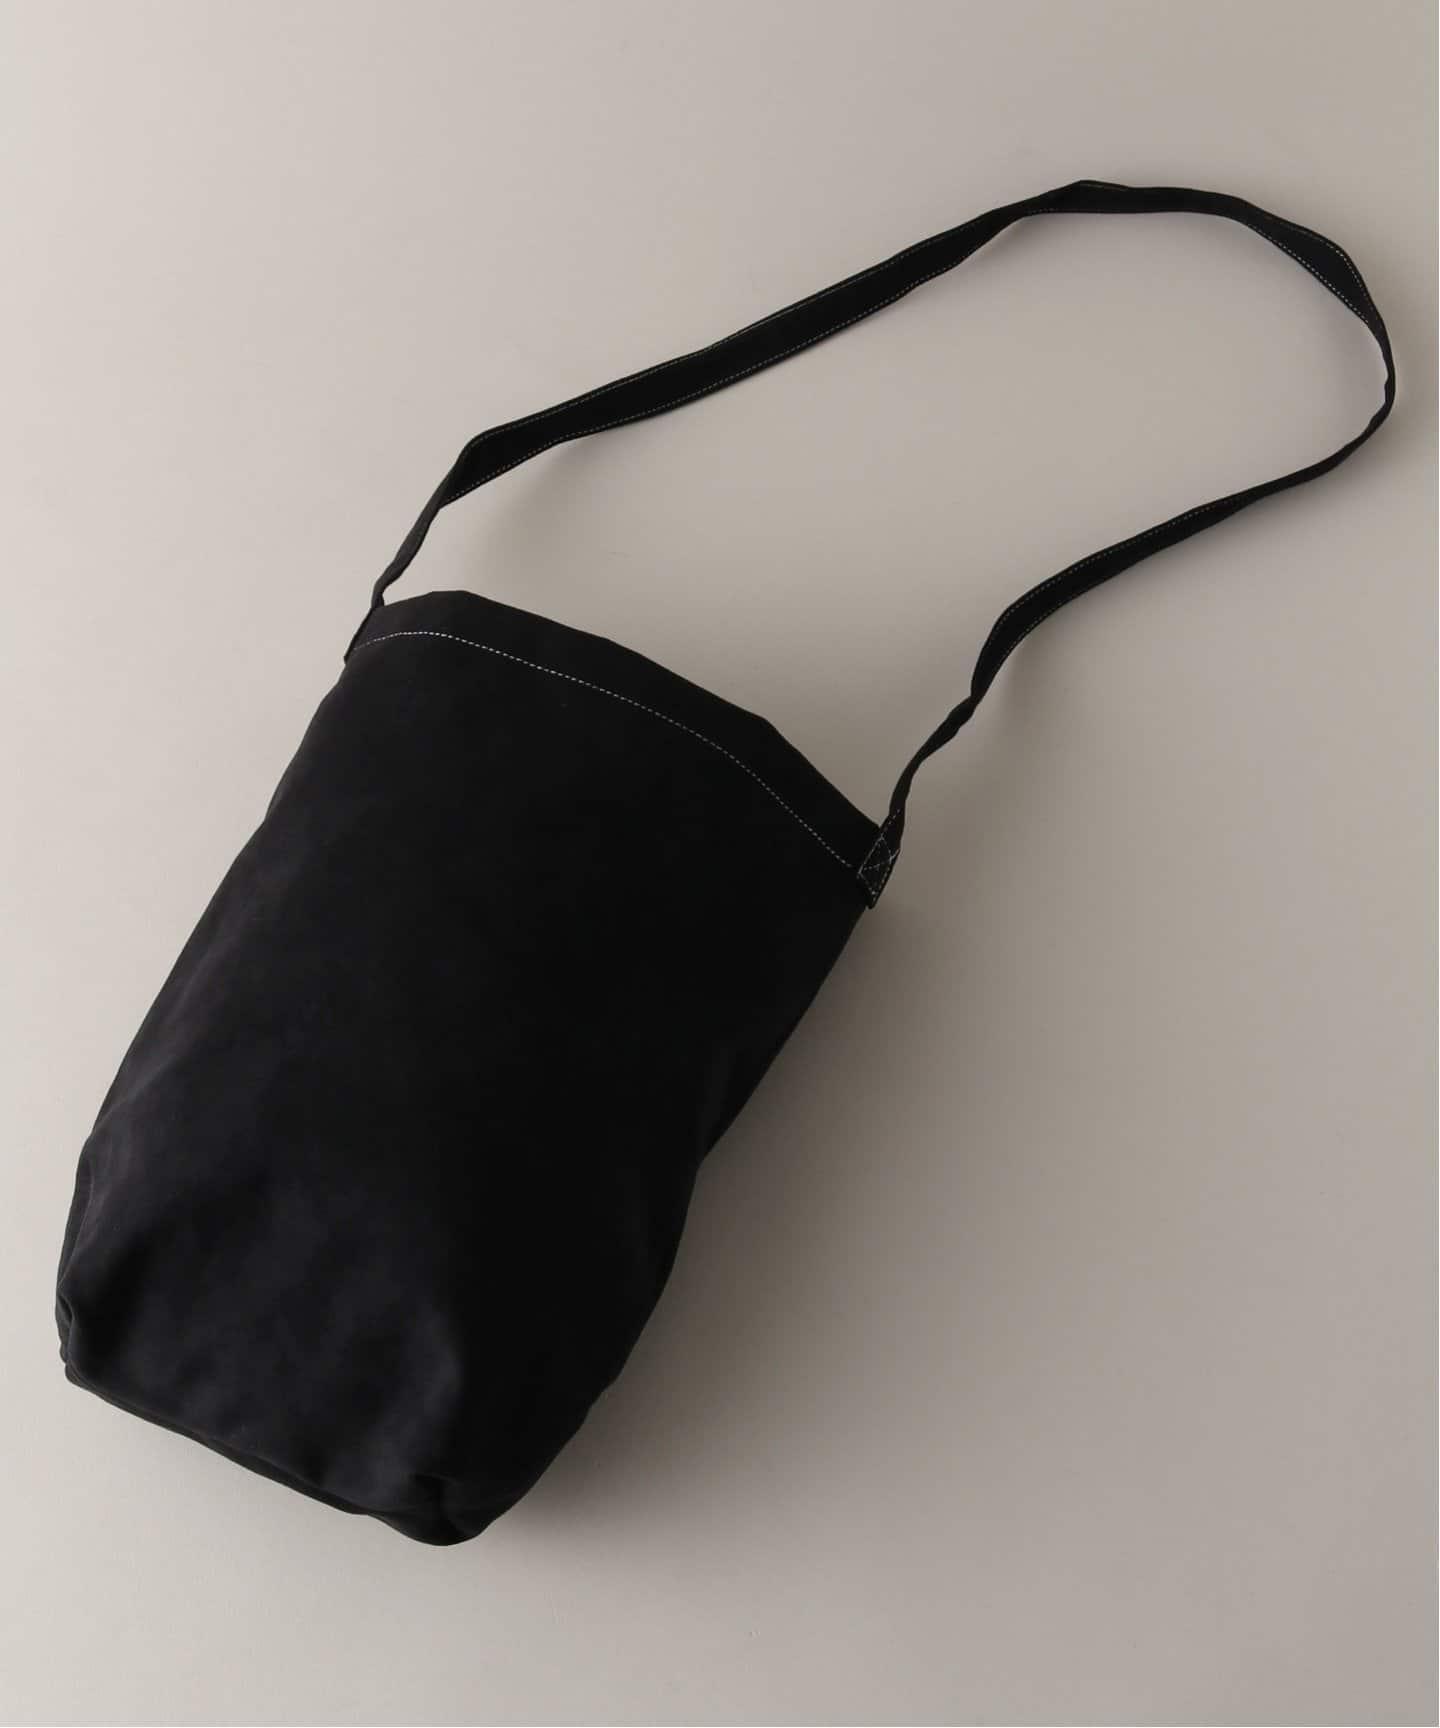 B.C STOCK(ベーセーストック)のバッグ・鞄/ショルダーバッグ